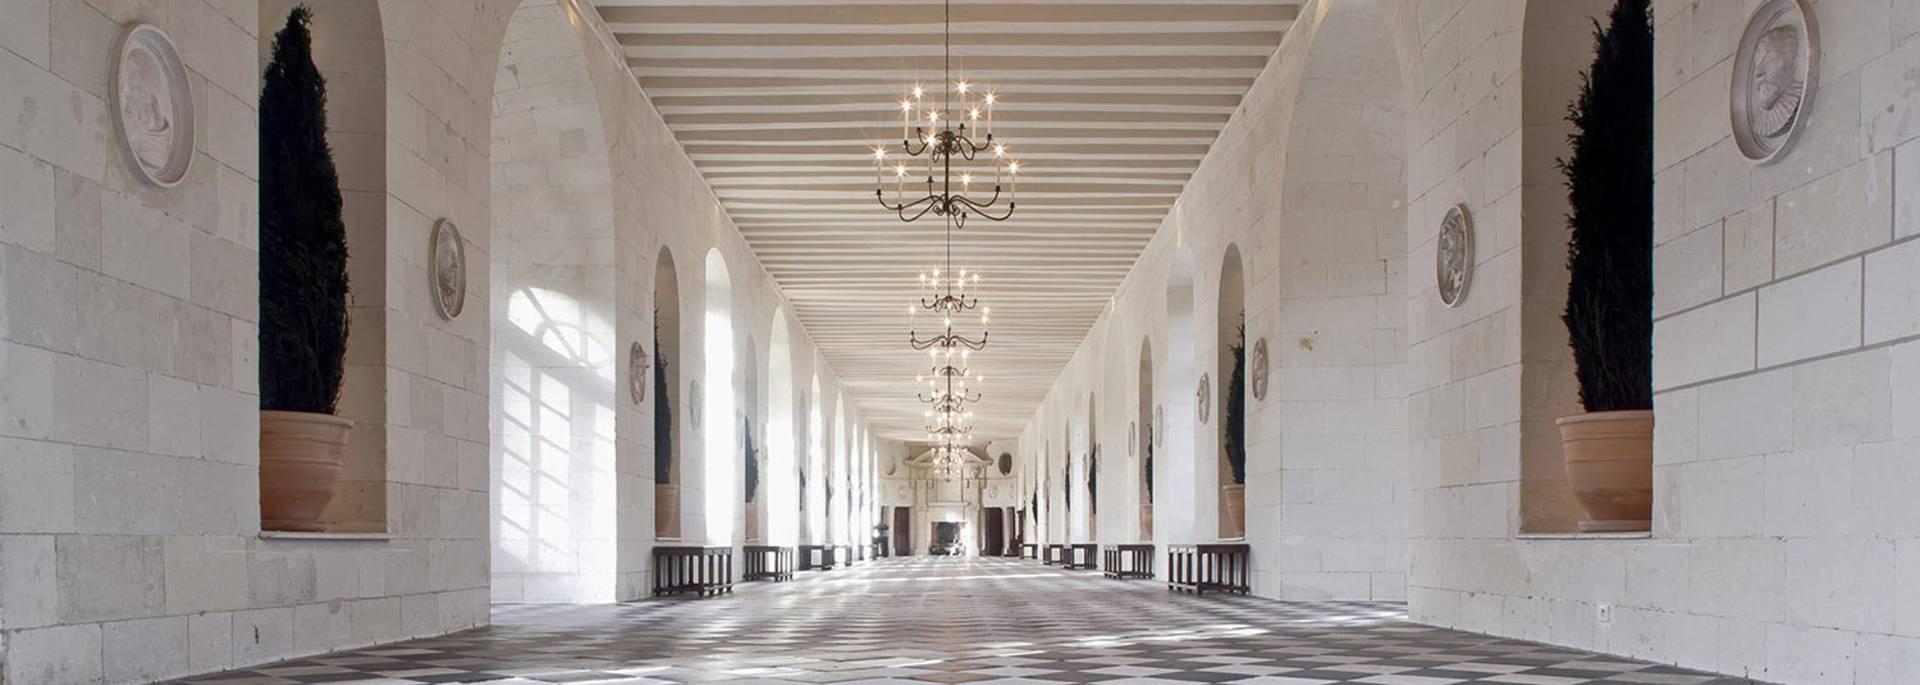 L'interno del castello di Chenonceau